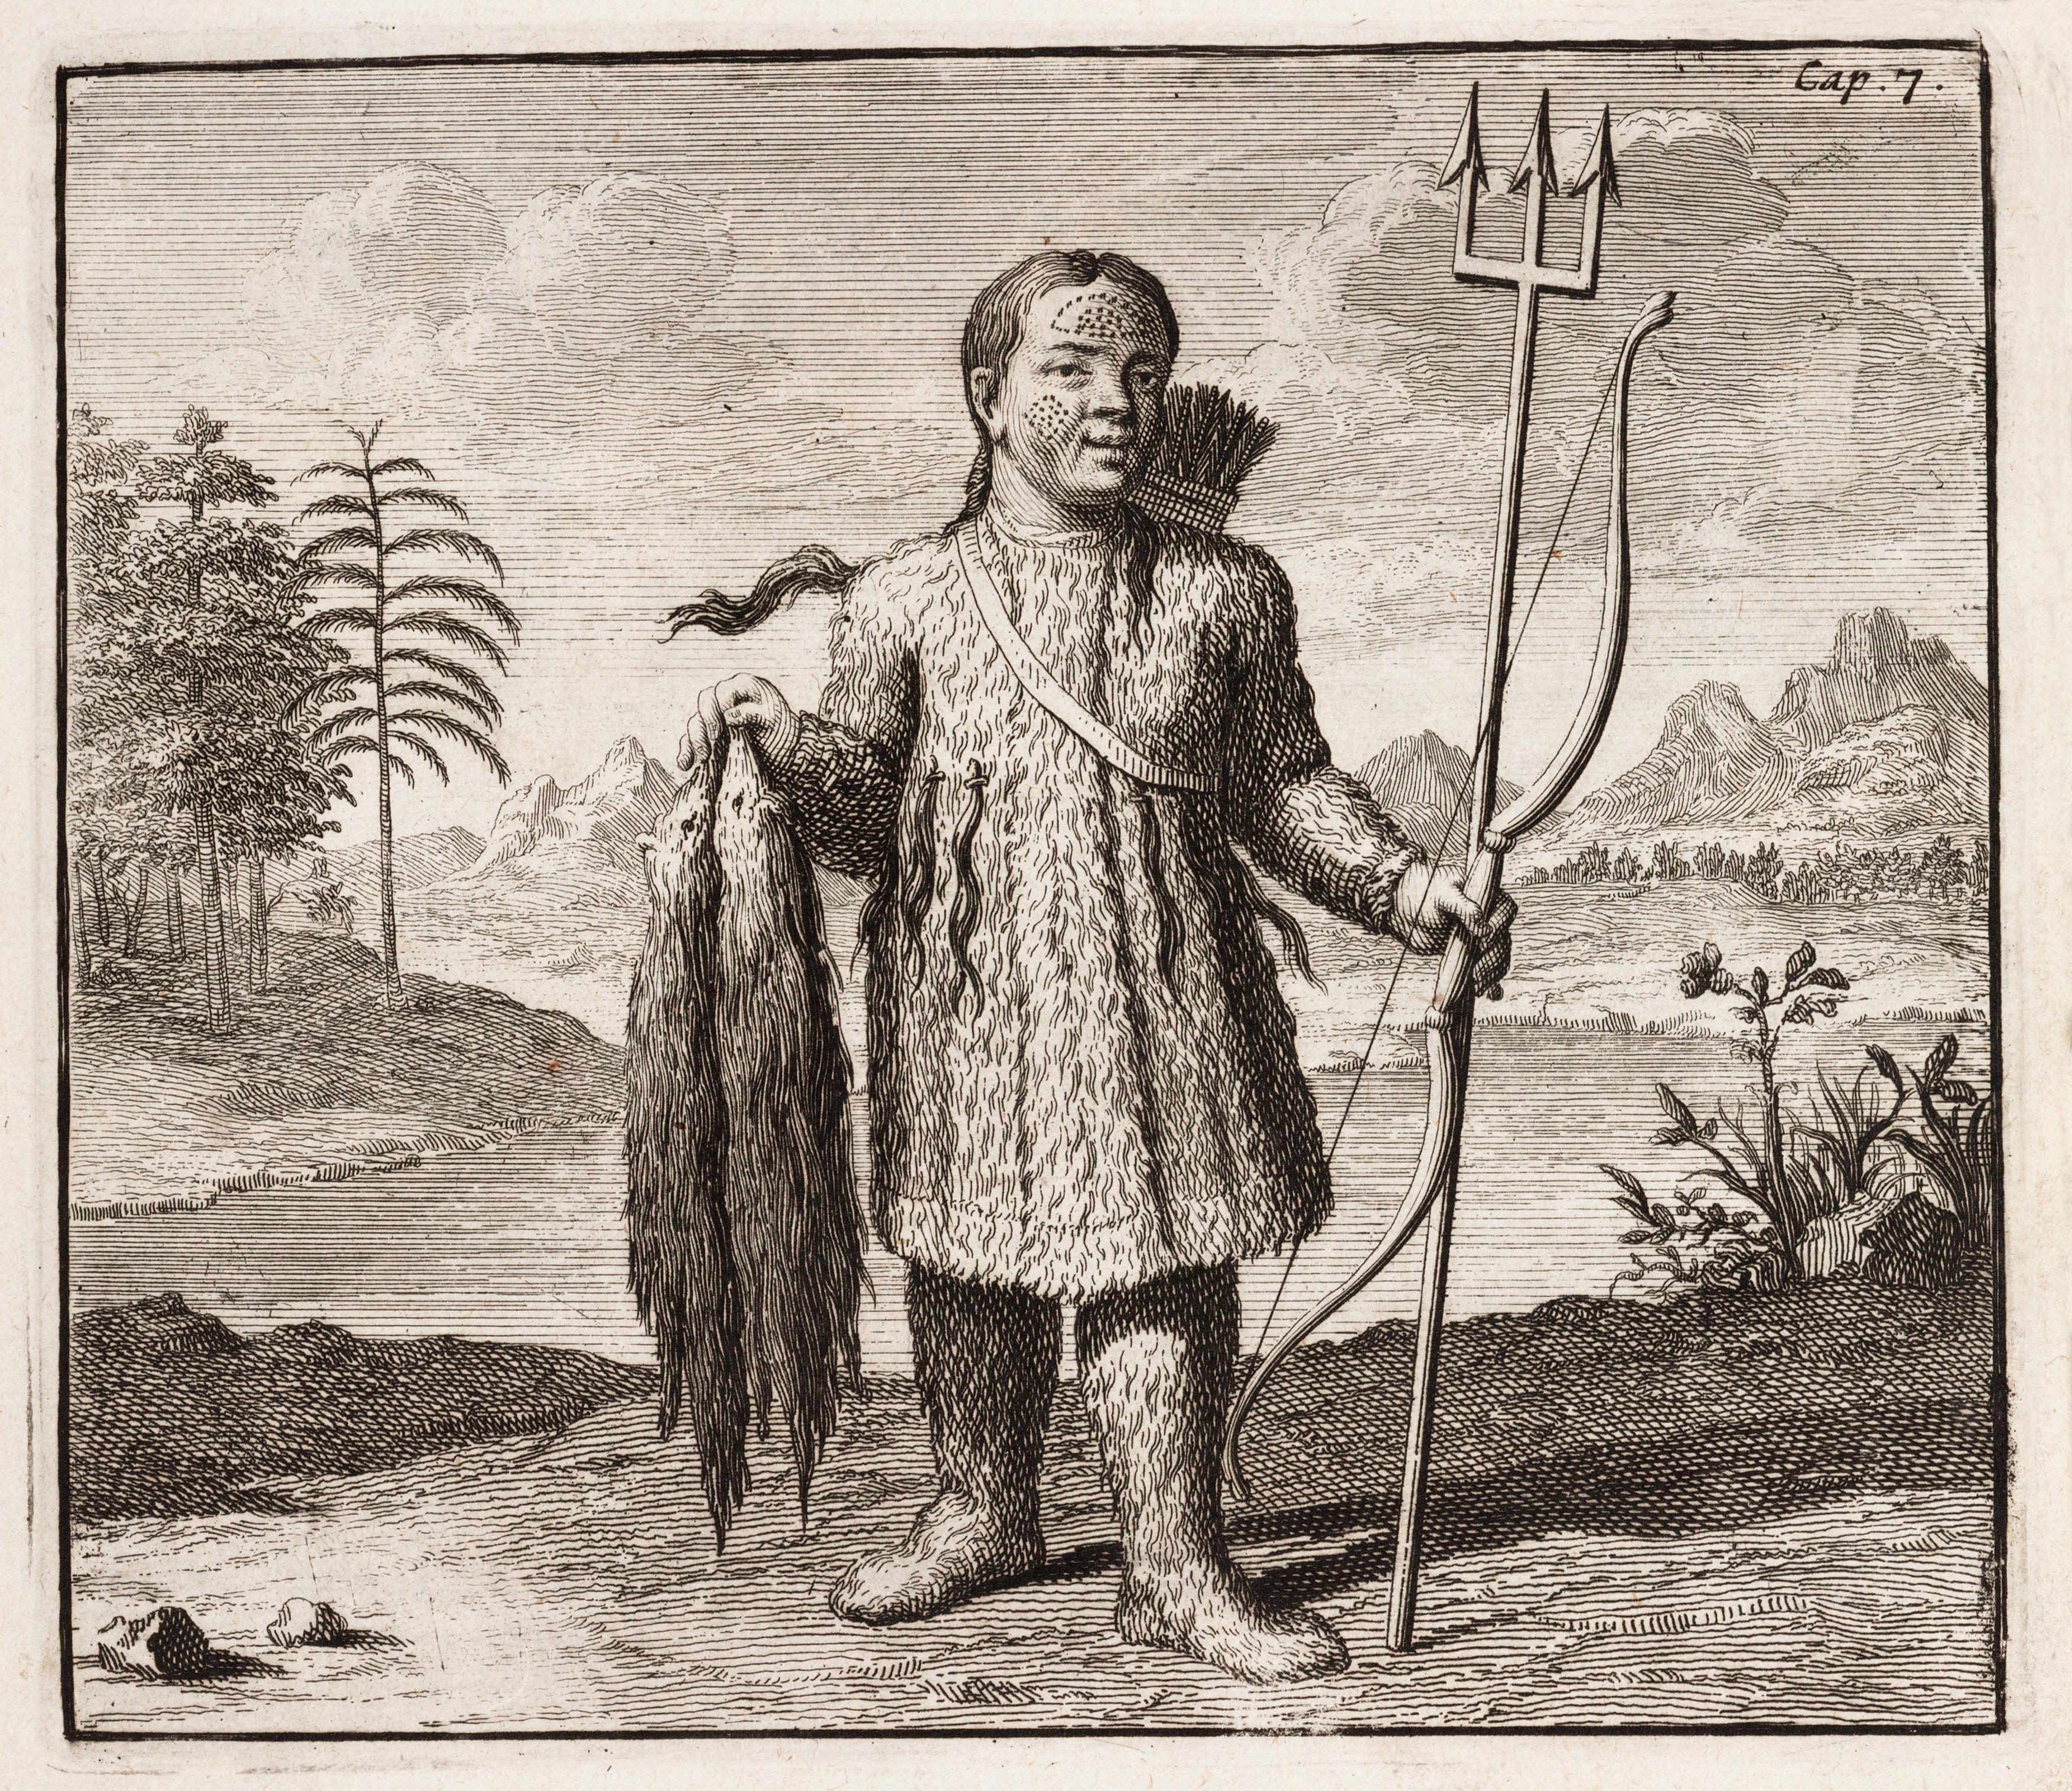 Туземец-охотник из Сибири. Иллюстрация из книги датского путешественника Эверта Избранта Идеса,  опубликованной в 1706 году